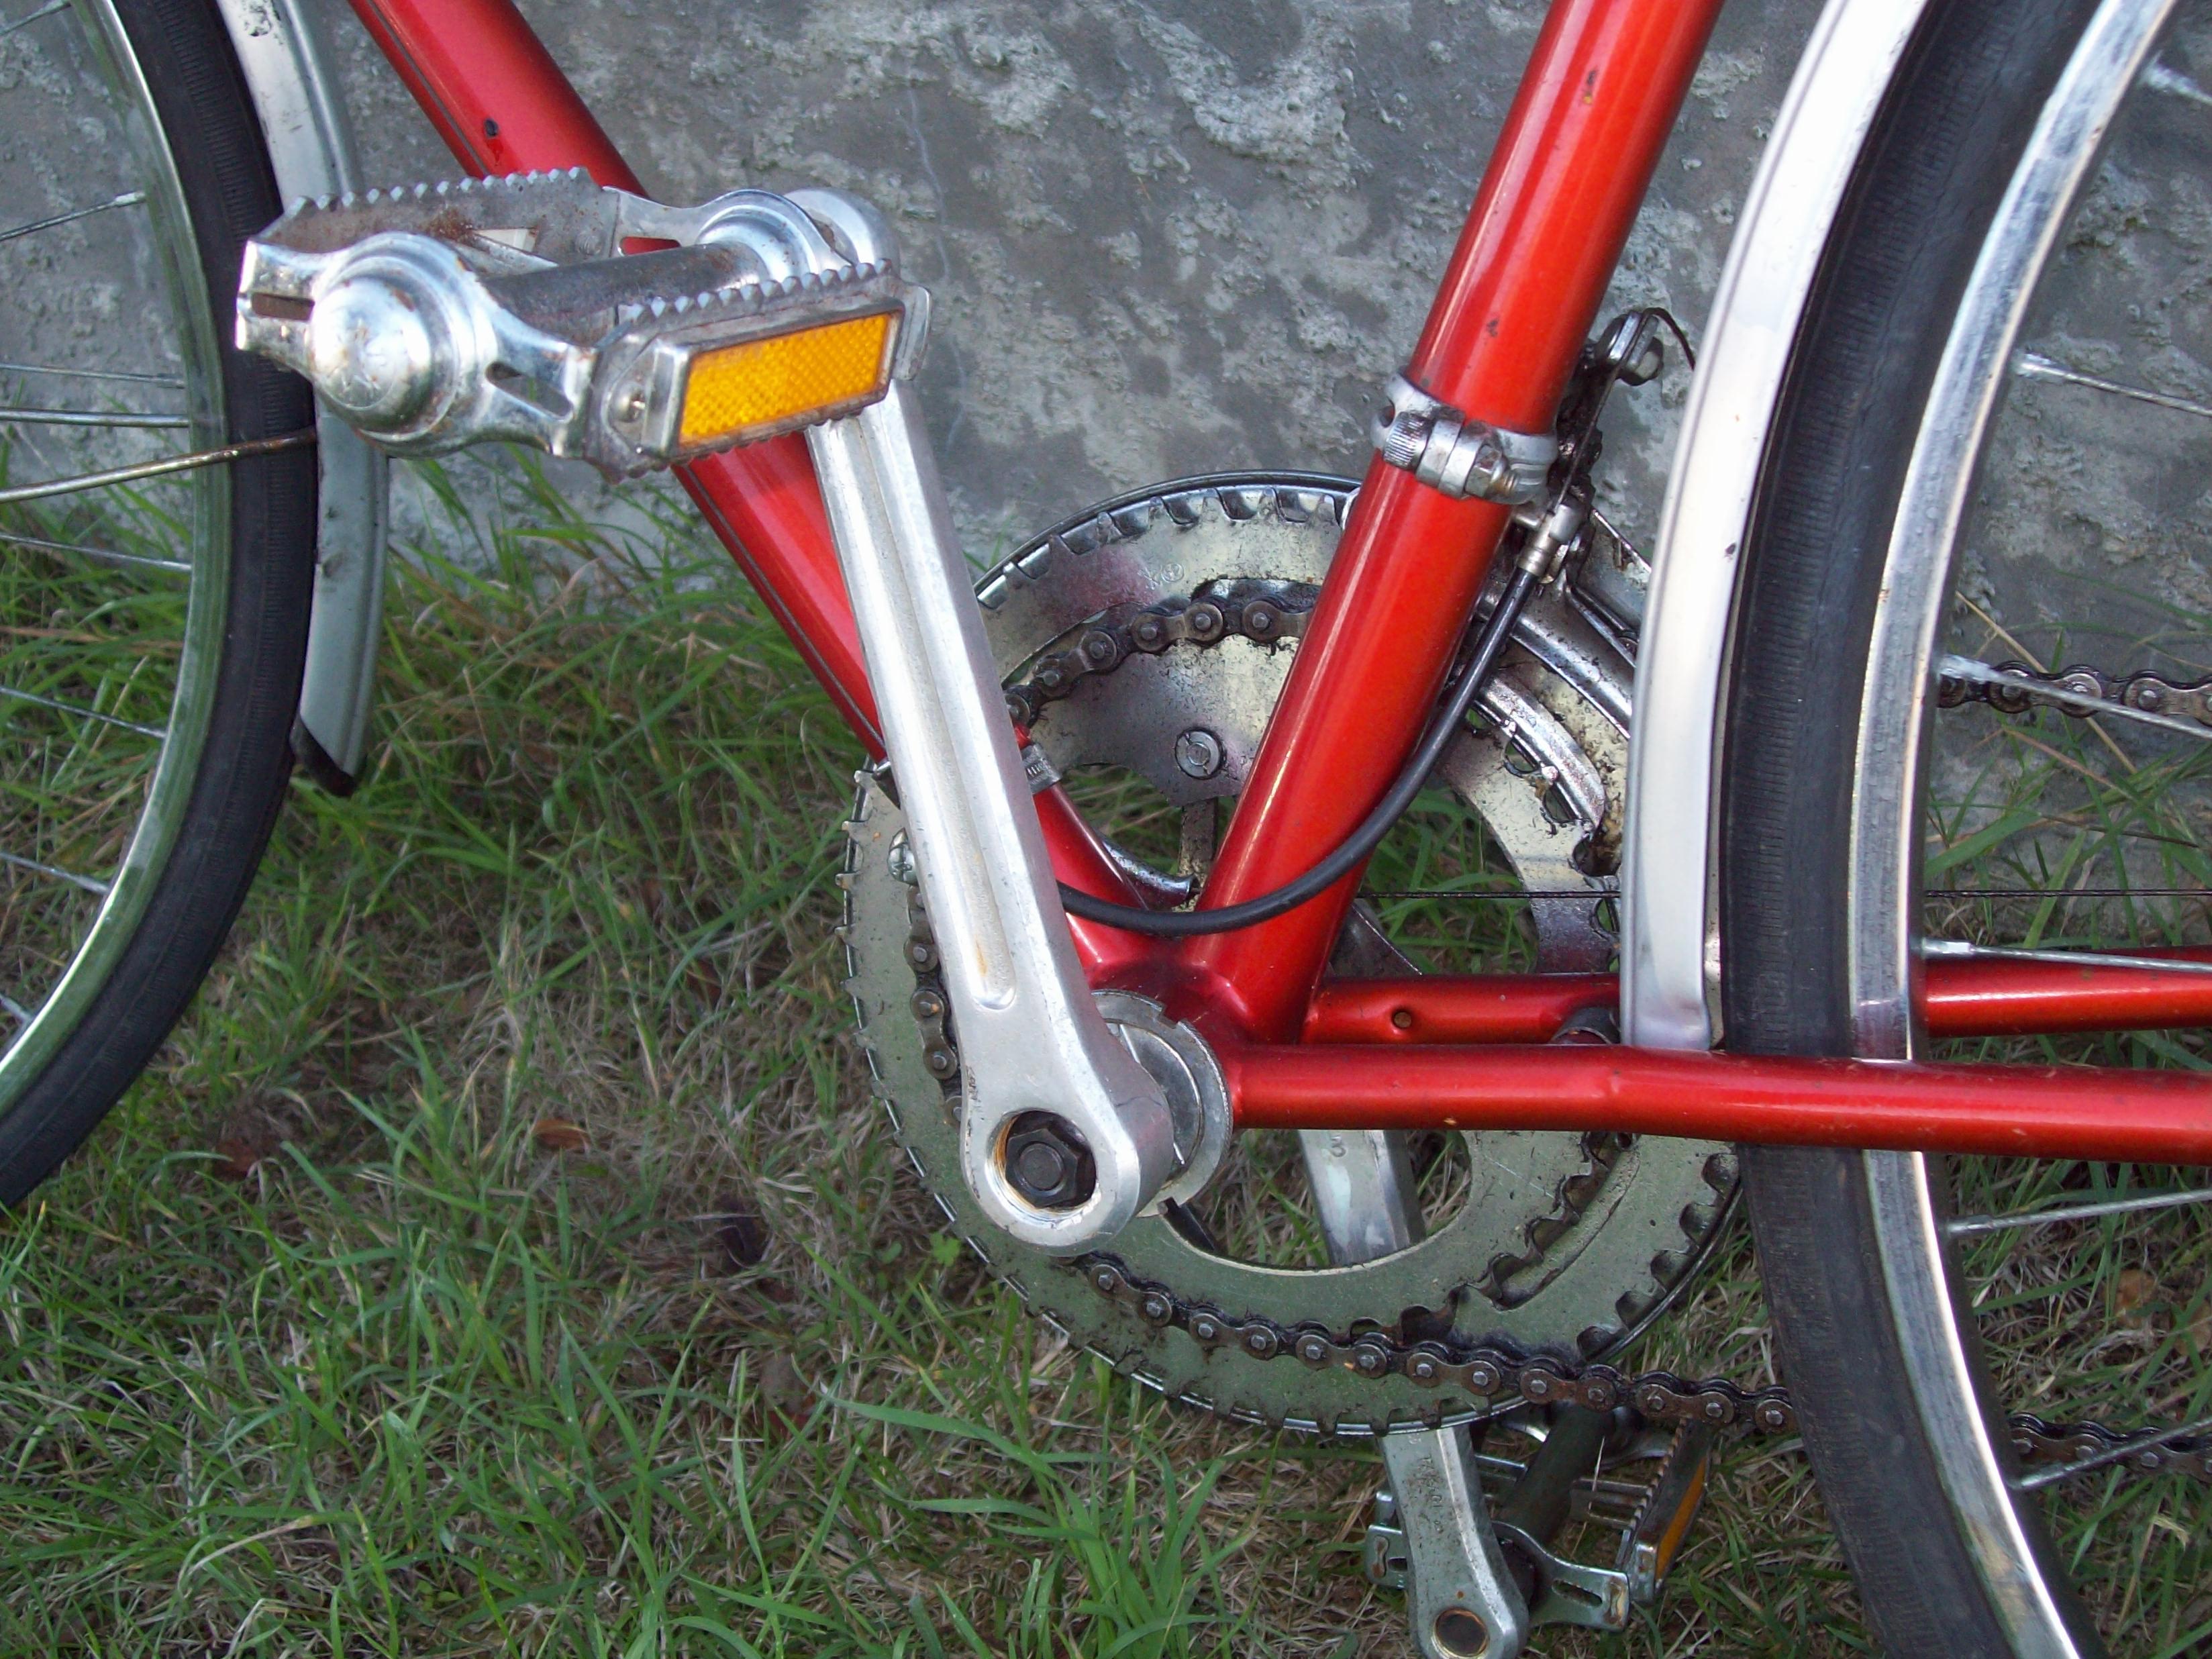 Healing Ten Speed - mens 1970s, Bicycle, Bike, Chain, Closeup, HQ Photo